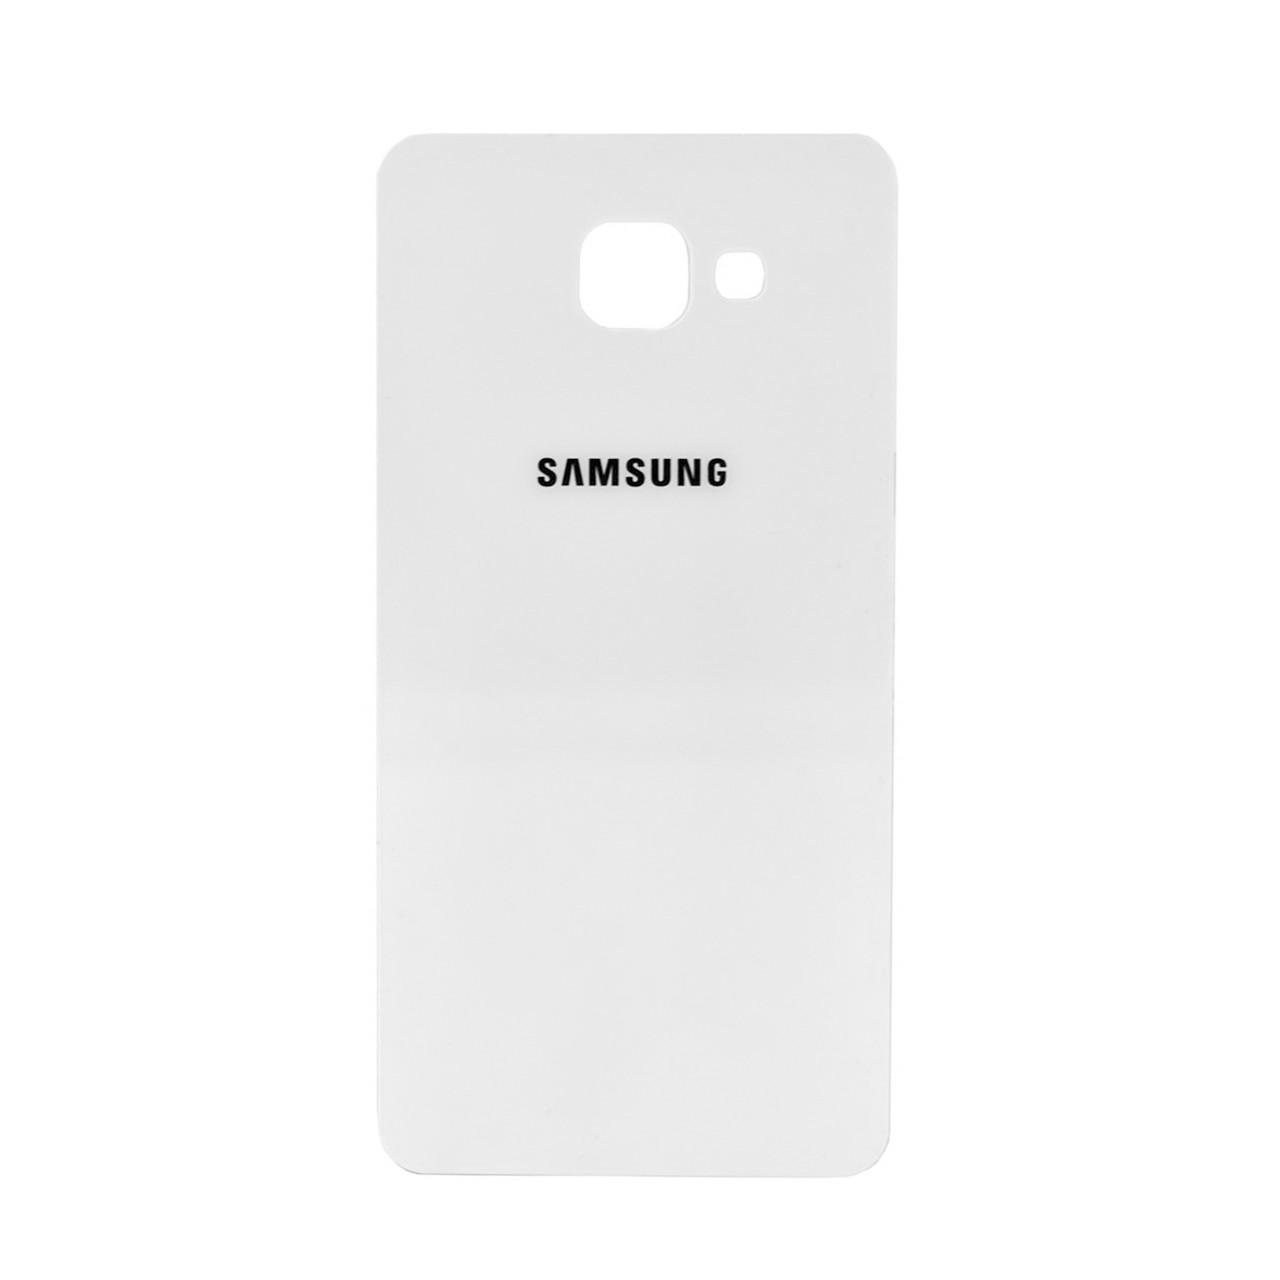 Задняя крышка Samsung Galaxy A7 (2016) A710 White (70)